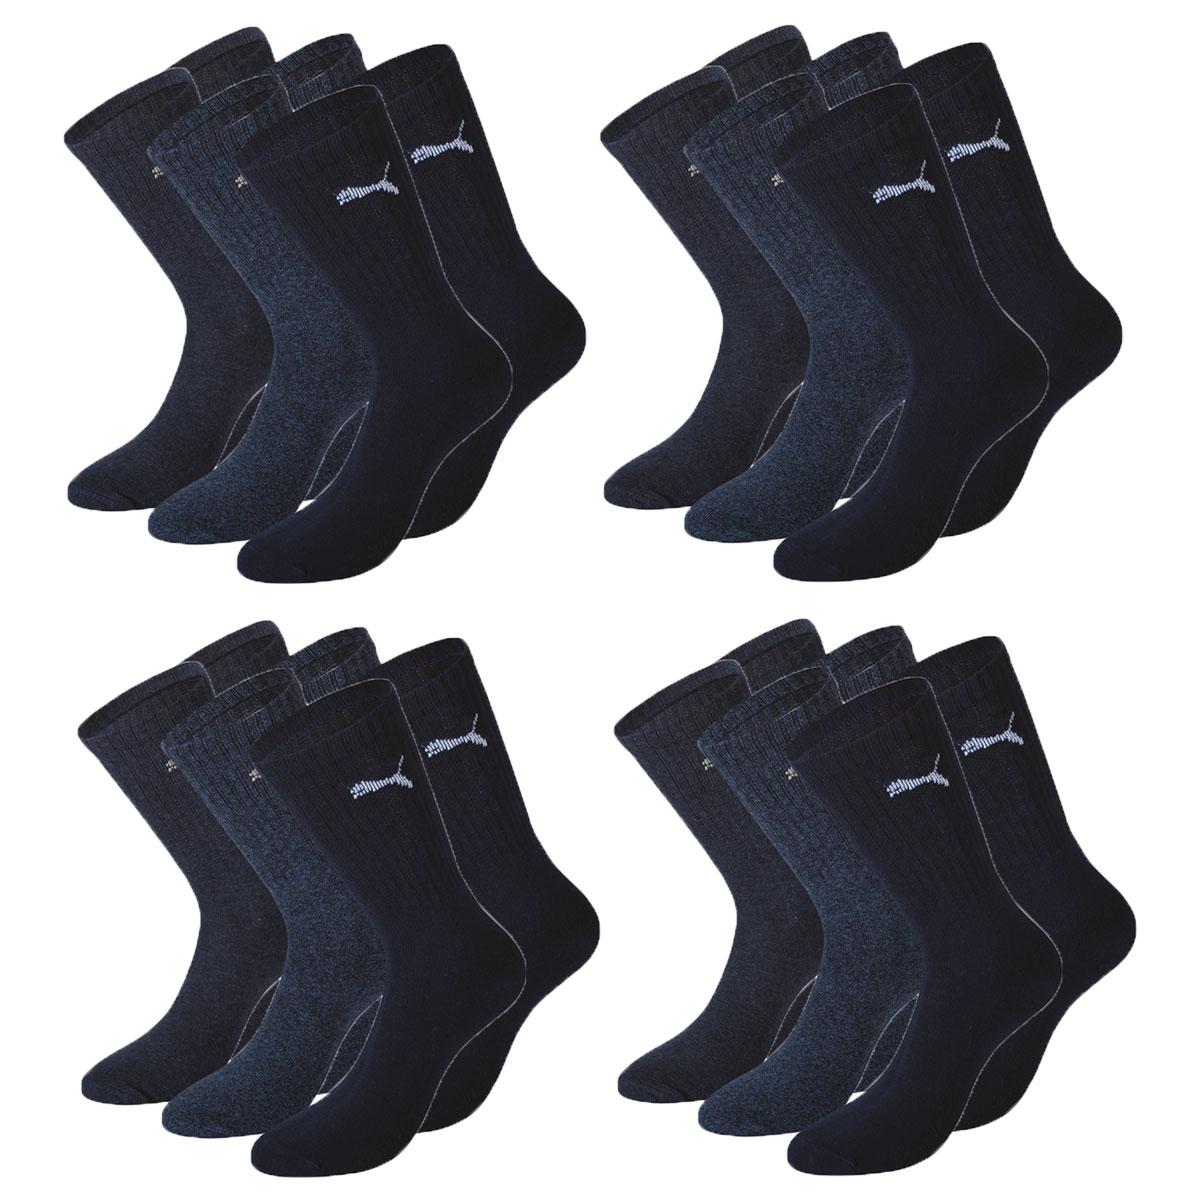 12 Paar Puma Socken, Sportsocken, Tennissocken,navy